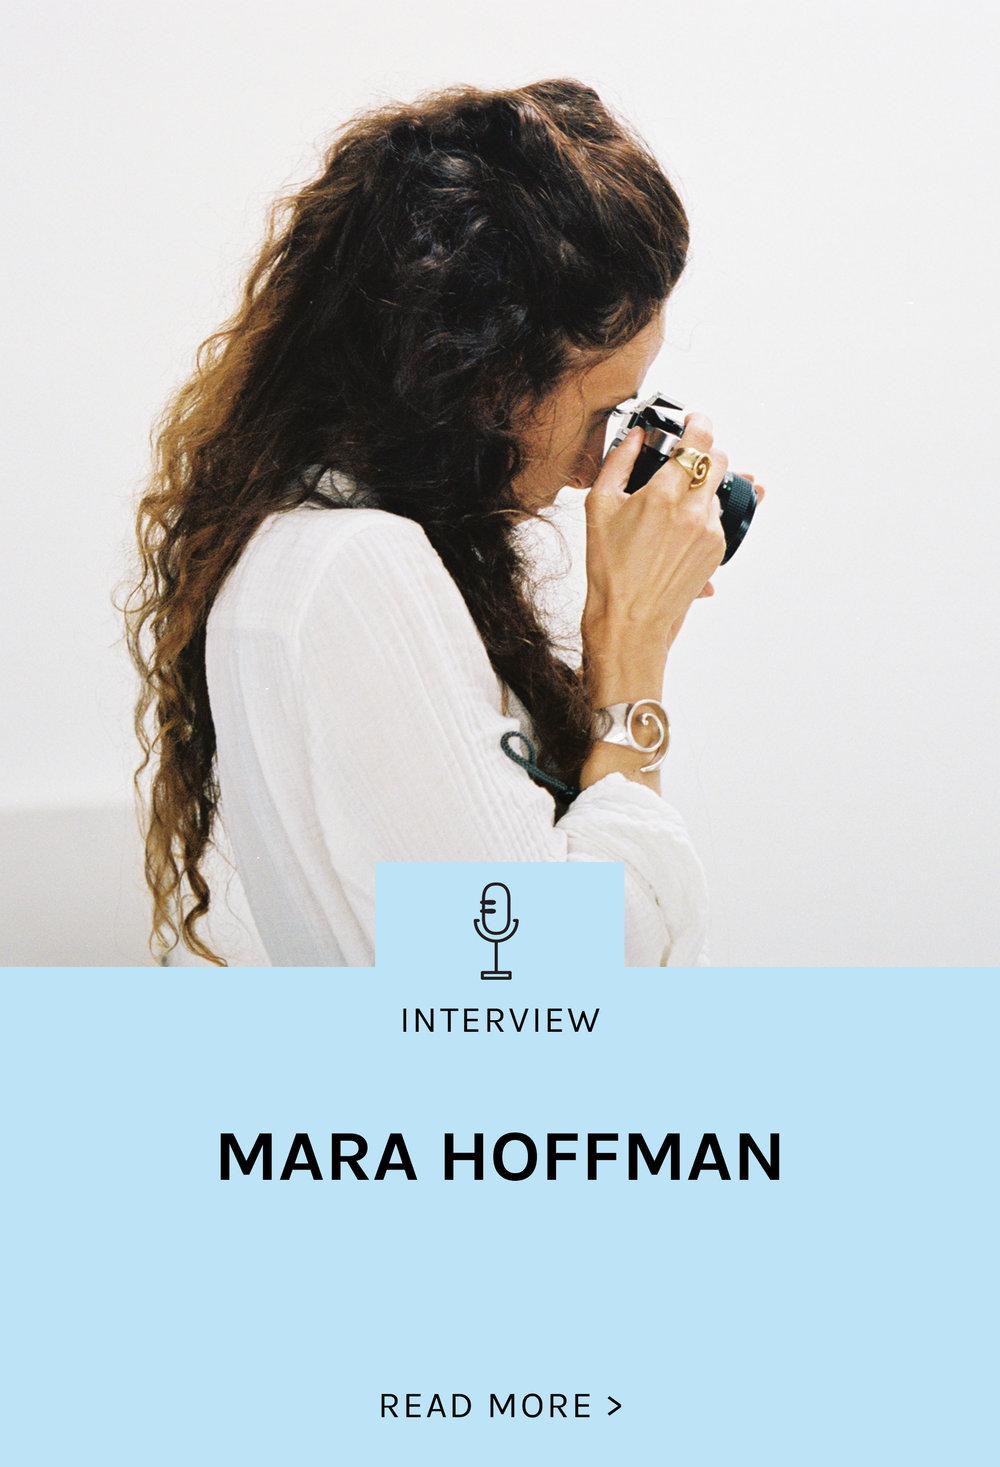 MaraHoffman-Interview-BlogLanding.jpg